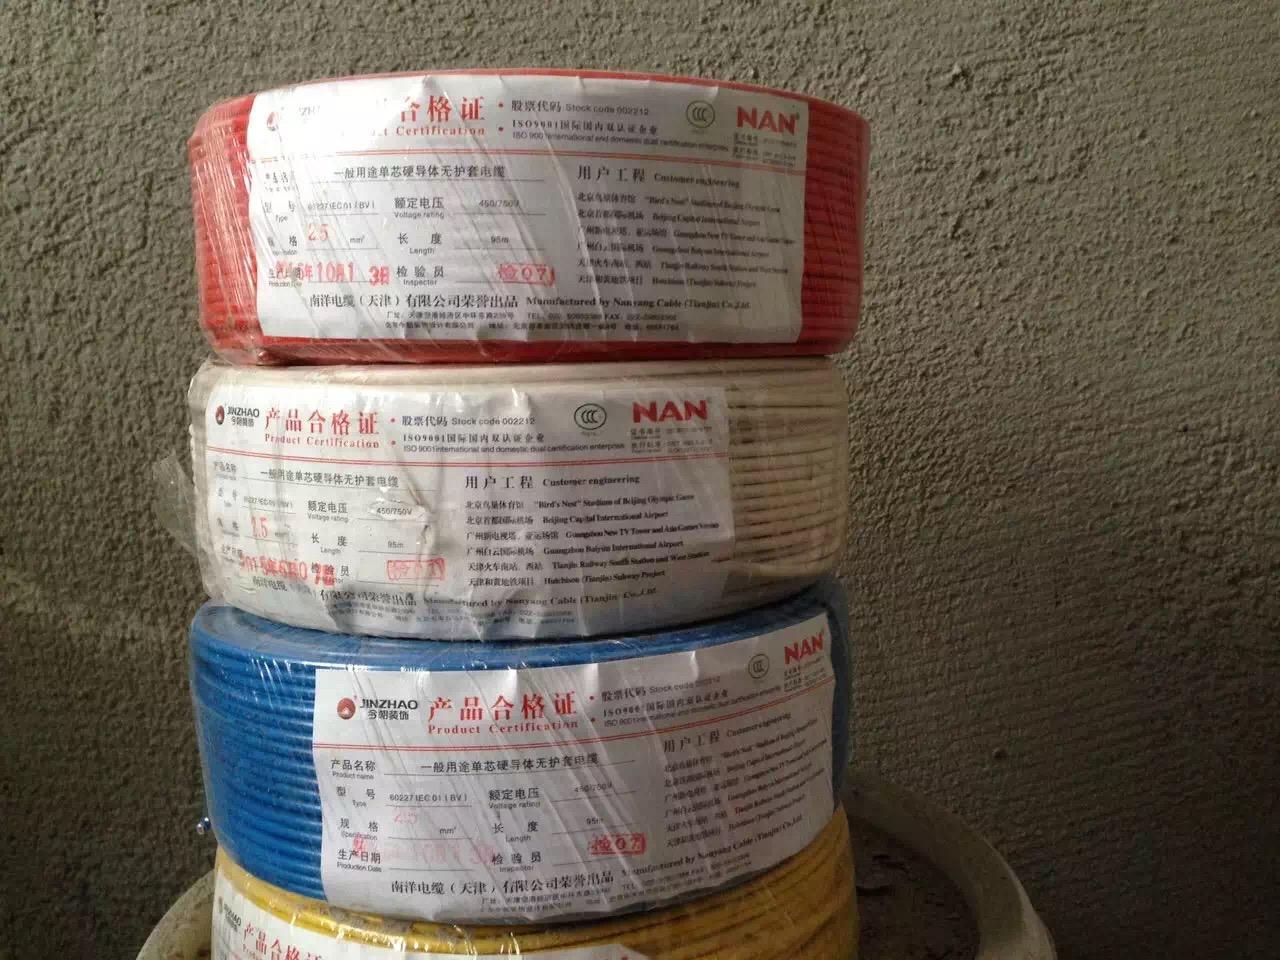 各种标准线已经制作齐全,现场所需各种成品保护已经按标准保护到位,材料验收已经达标,水电标准线已经完成。